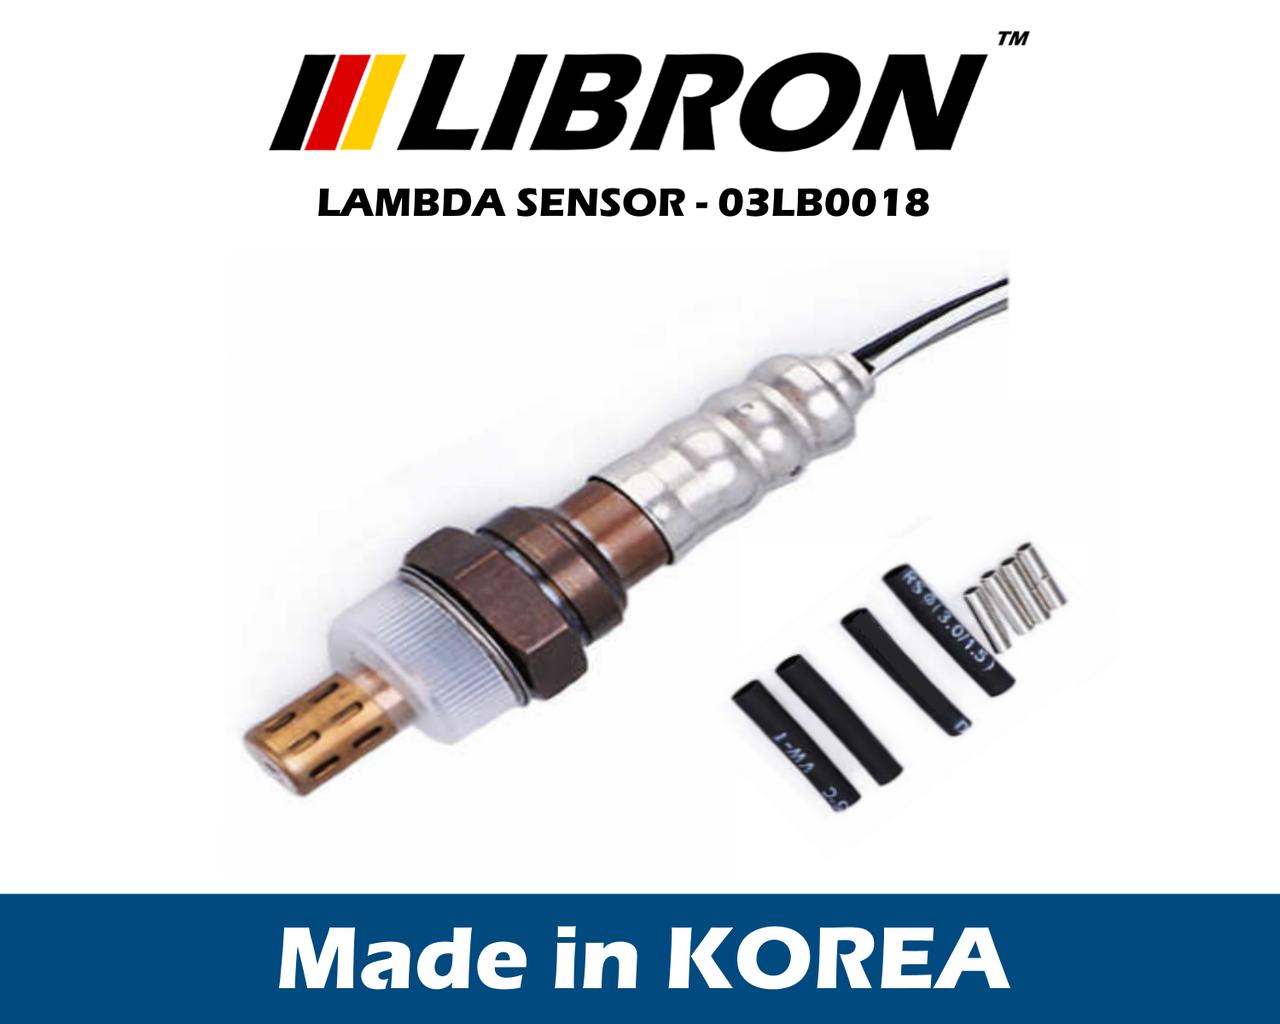 Датчик кислорода Libron 03LB0018 - Honda CIVIC VII Hatchback (EU, EP, EV)